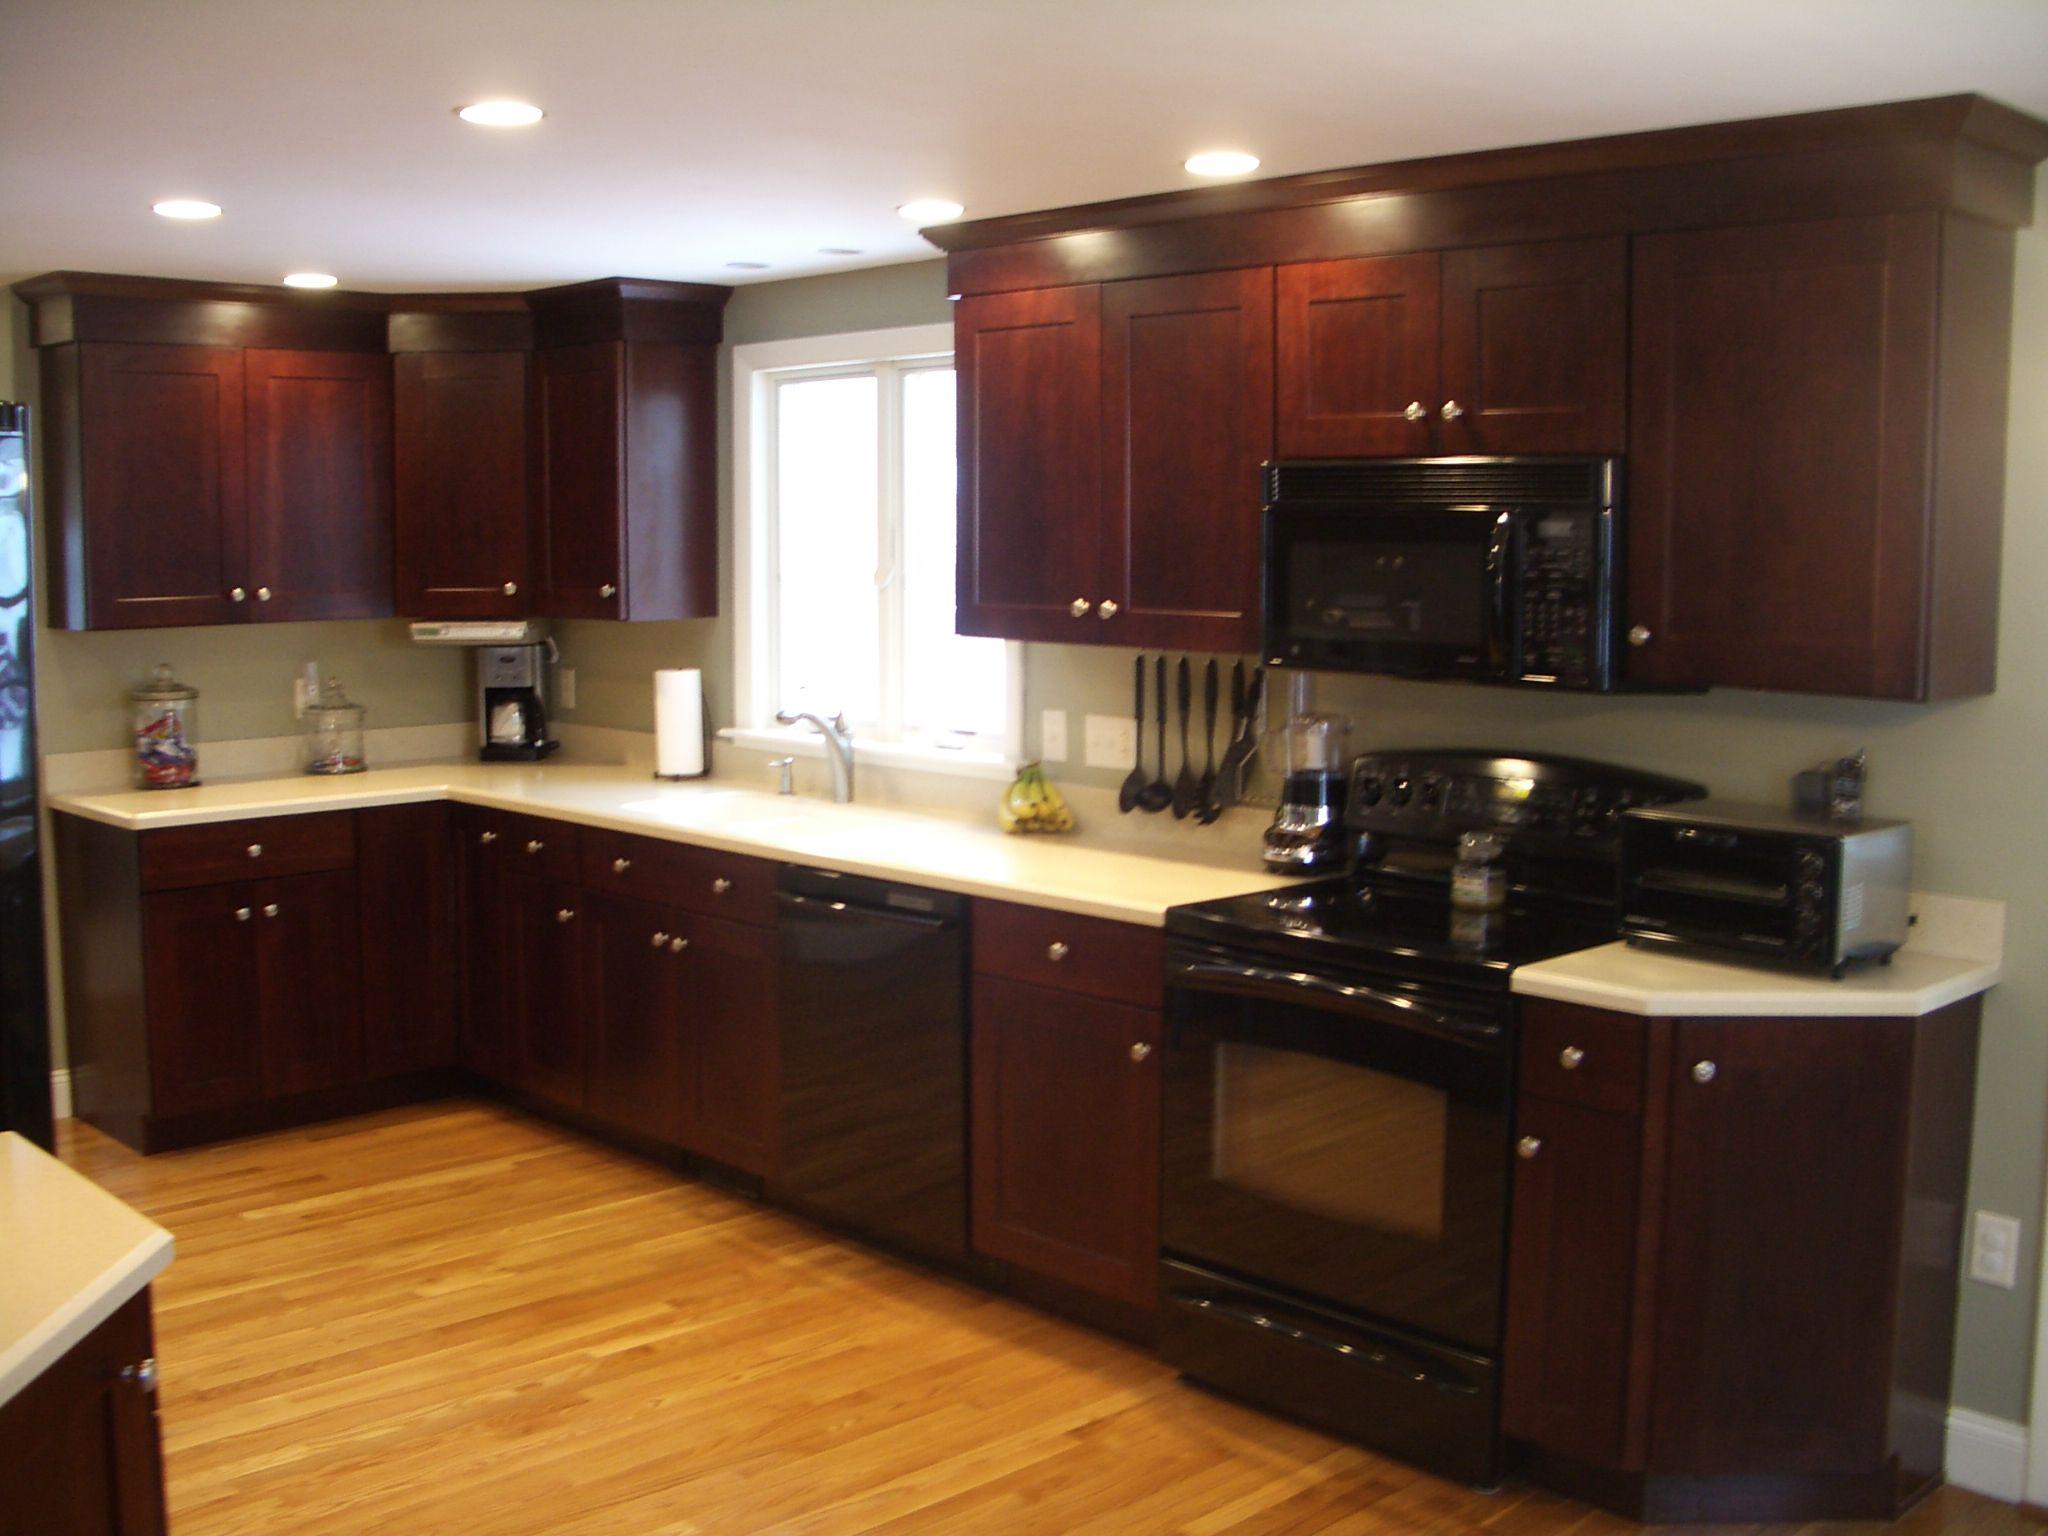 Shaker style kitchen, kitchen Corian countertop